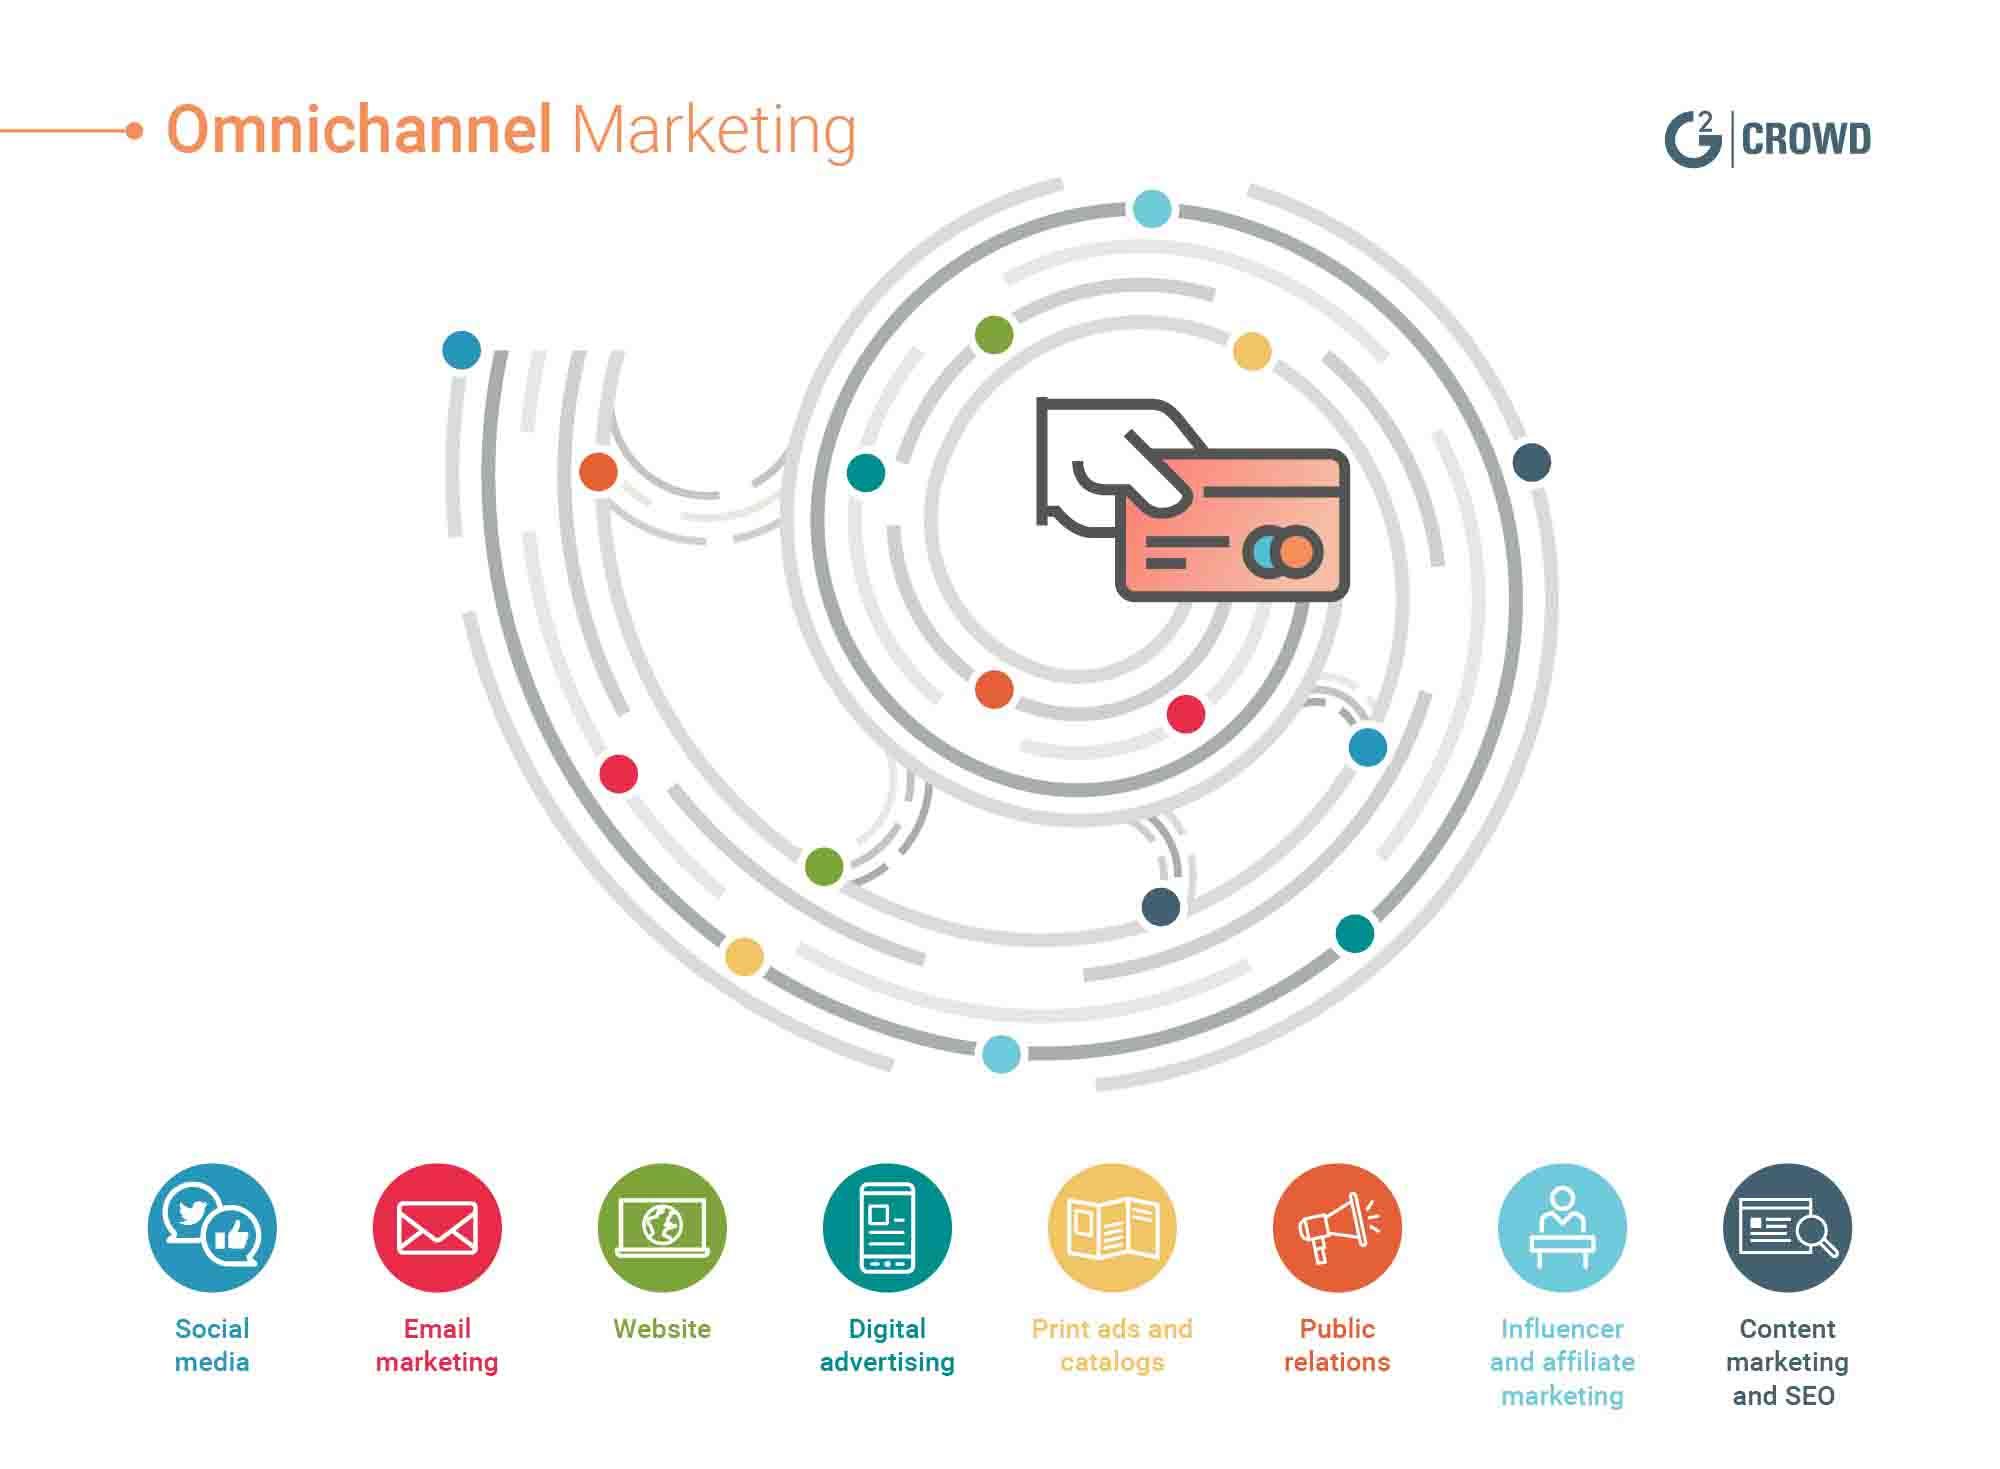 Mô hình Omnichannel Marketing